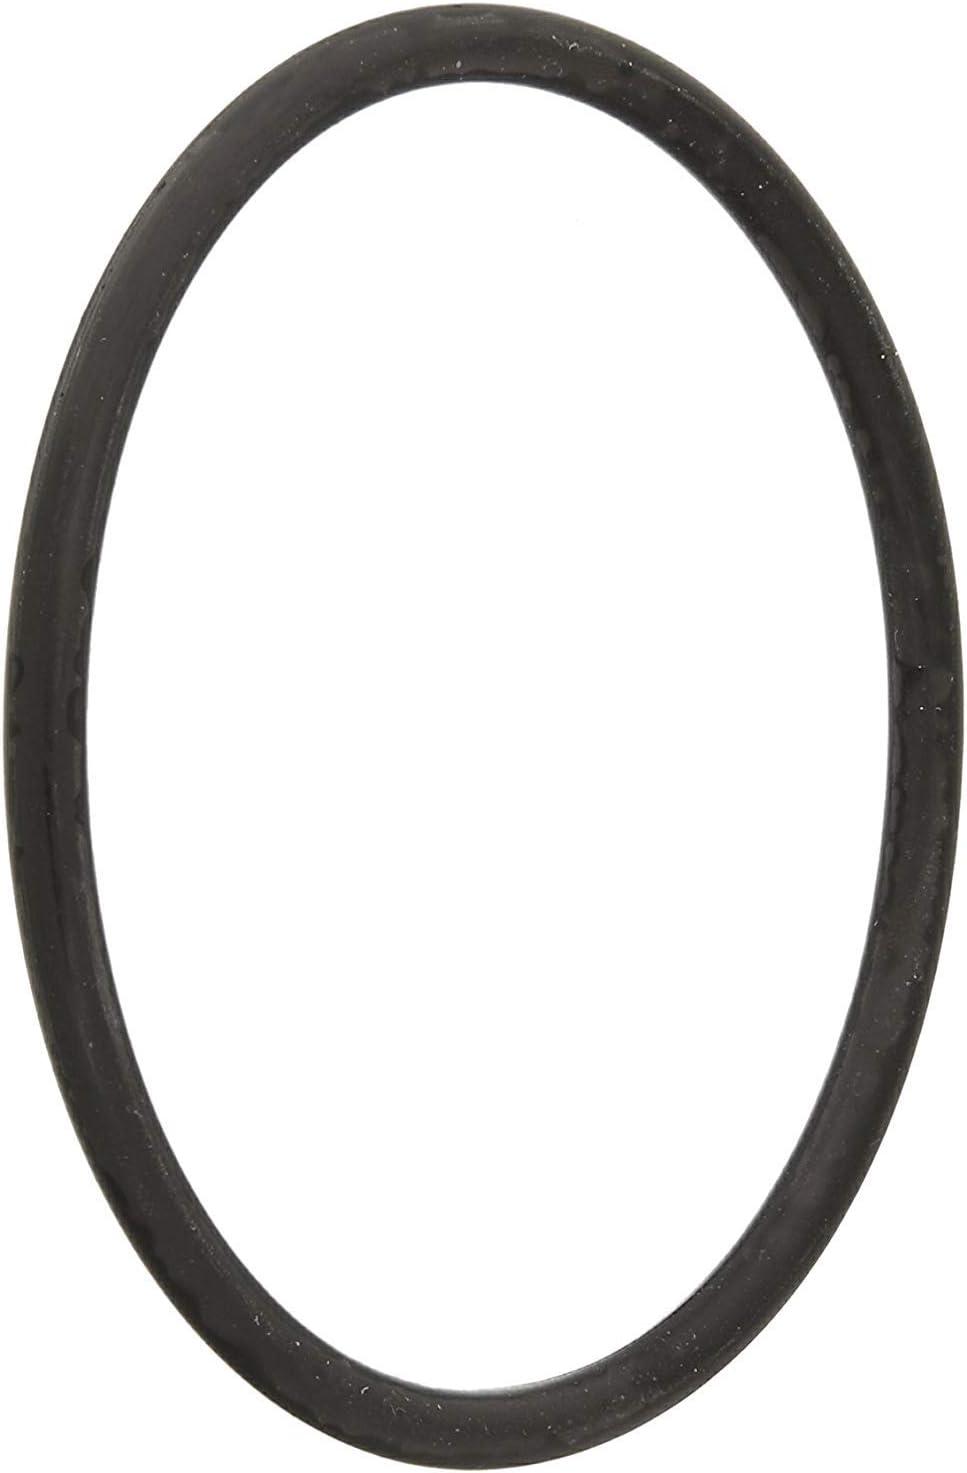 mechanisch 10 St/ück Dichtungsring//O-Ring aus Gummi 68 x 60 x 4 mm